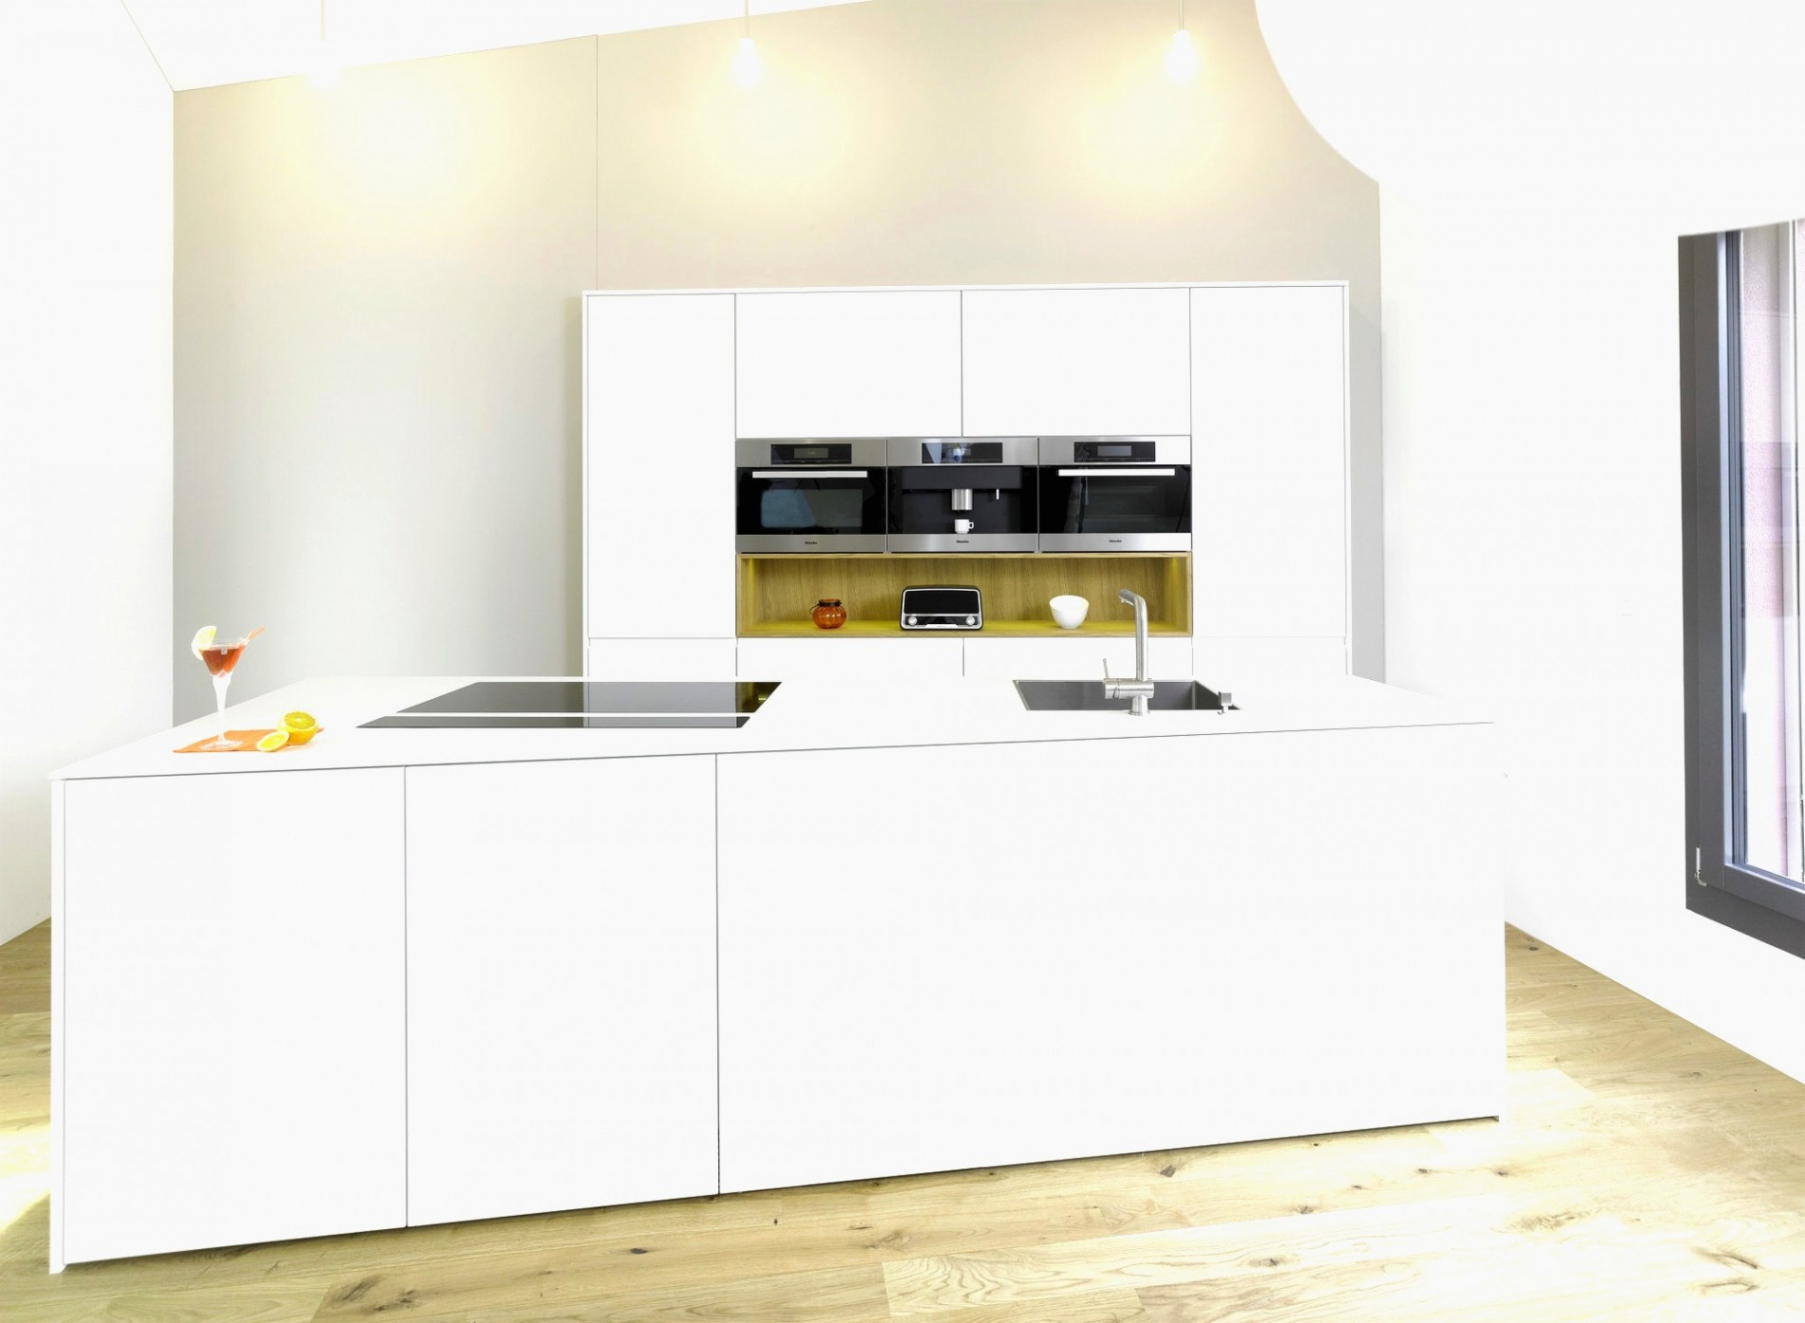 Full Size of Unterschrank Korpus Küche Ikea Küche Schwarz Hochglanz Fene   Ikea Küchenfronten Faktum Küche Unterschrank Küche